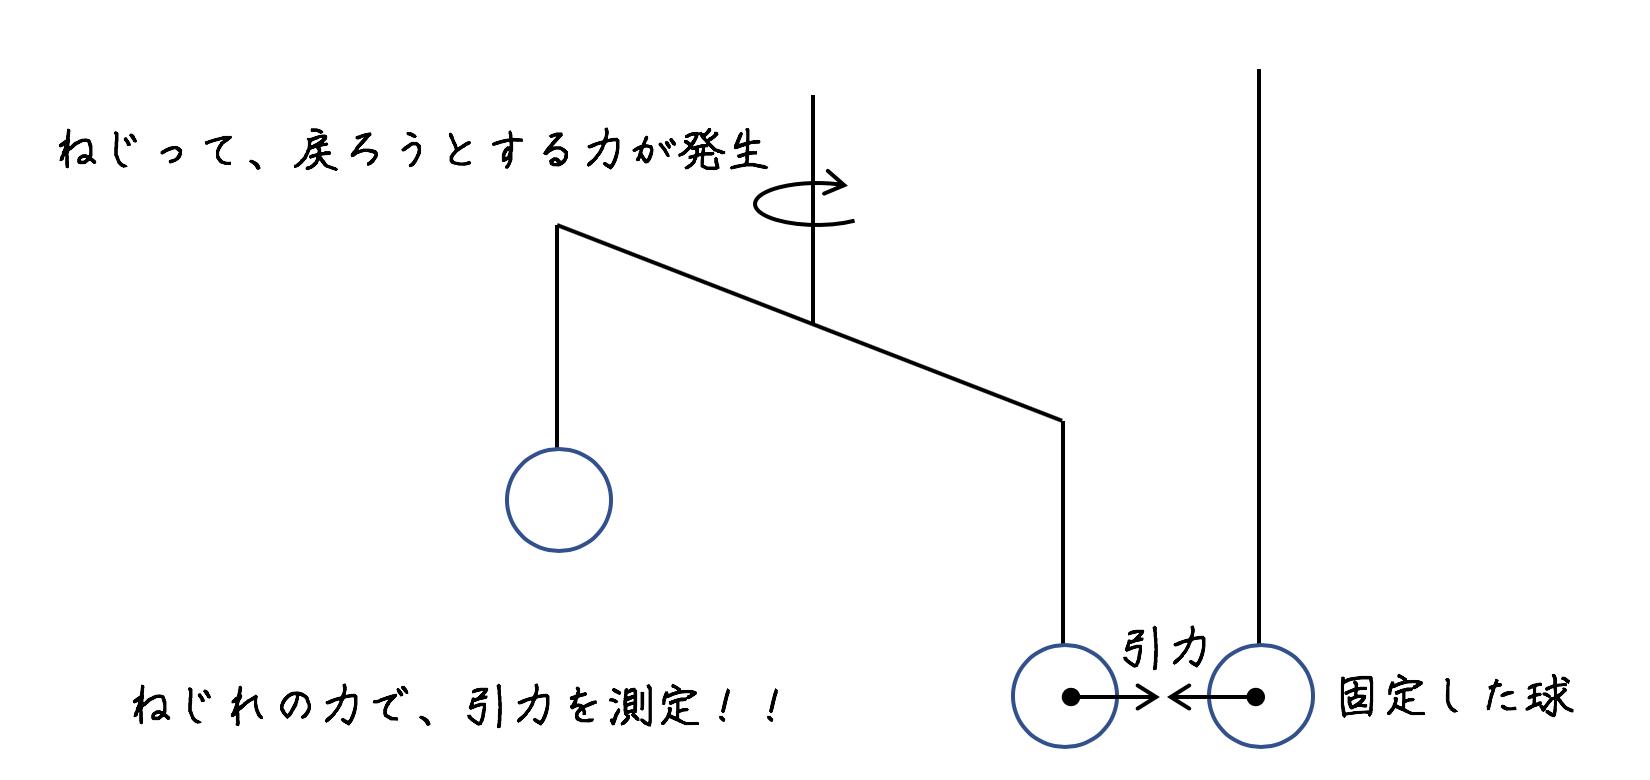 余剰次元での万有引力の法則の破れ【高校物理の雑談ネタ】